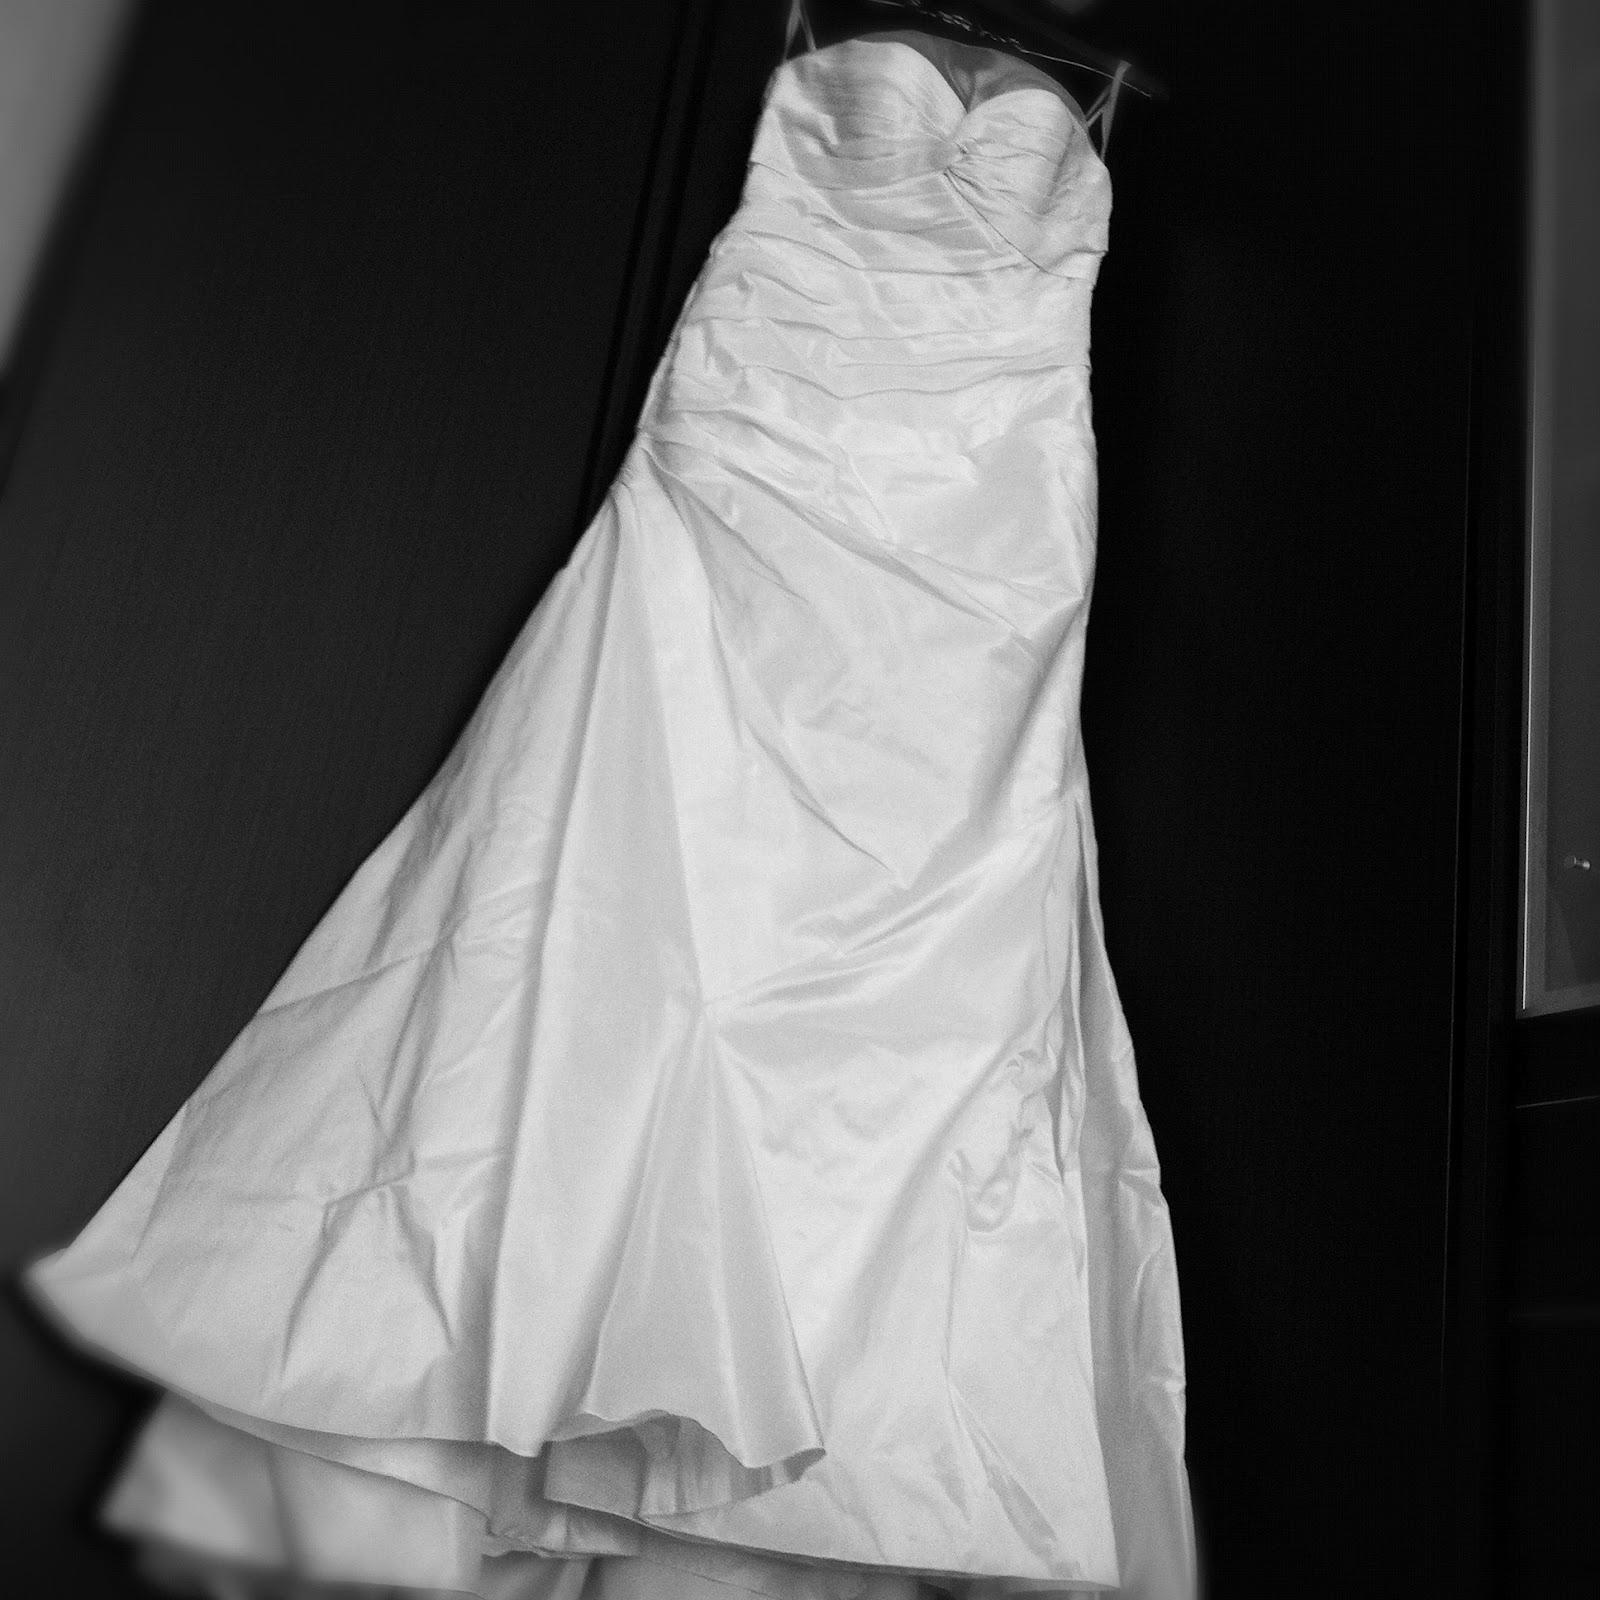 Boda Bella: ¿Qué hacer con el vestido de novia después de la boda?